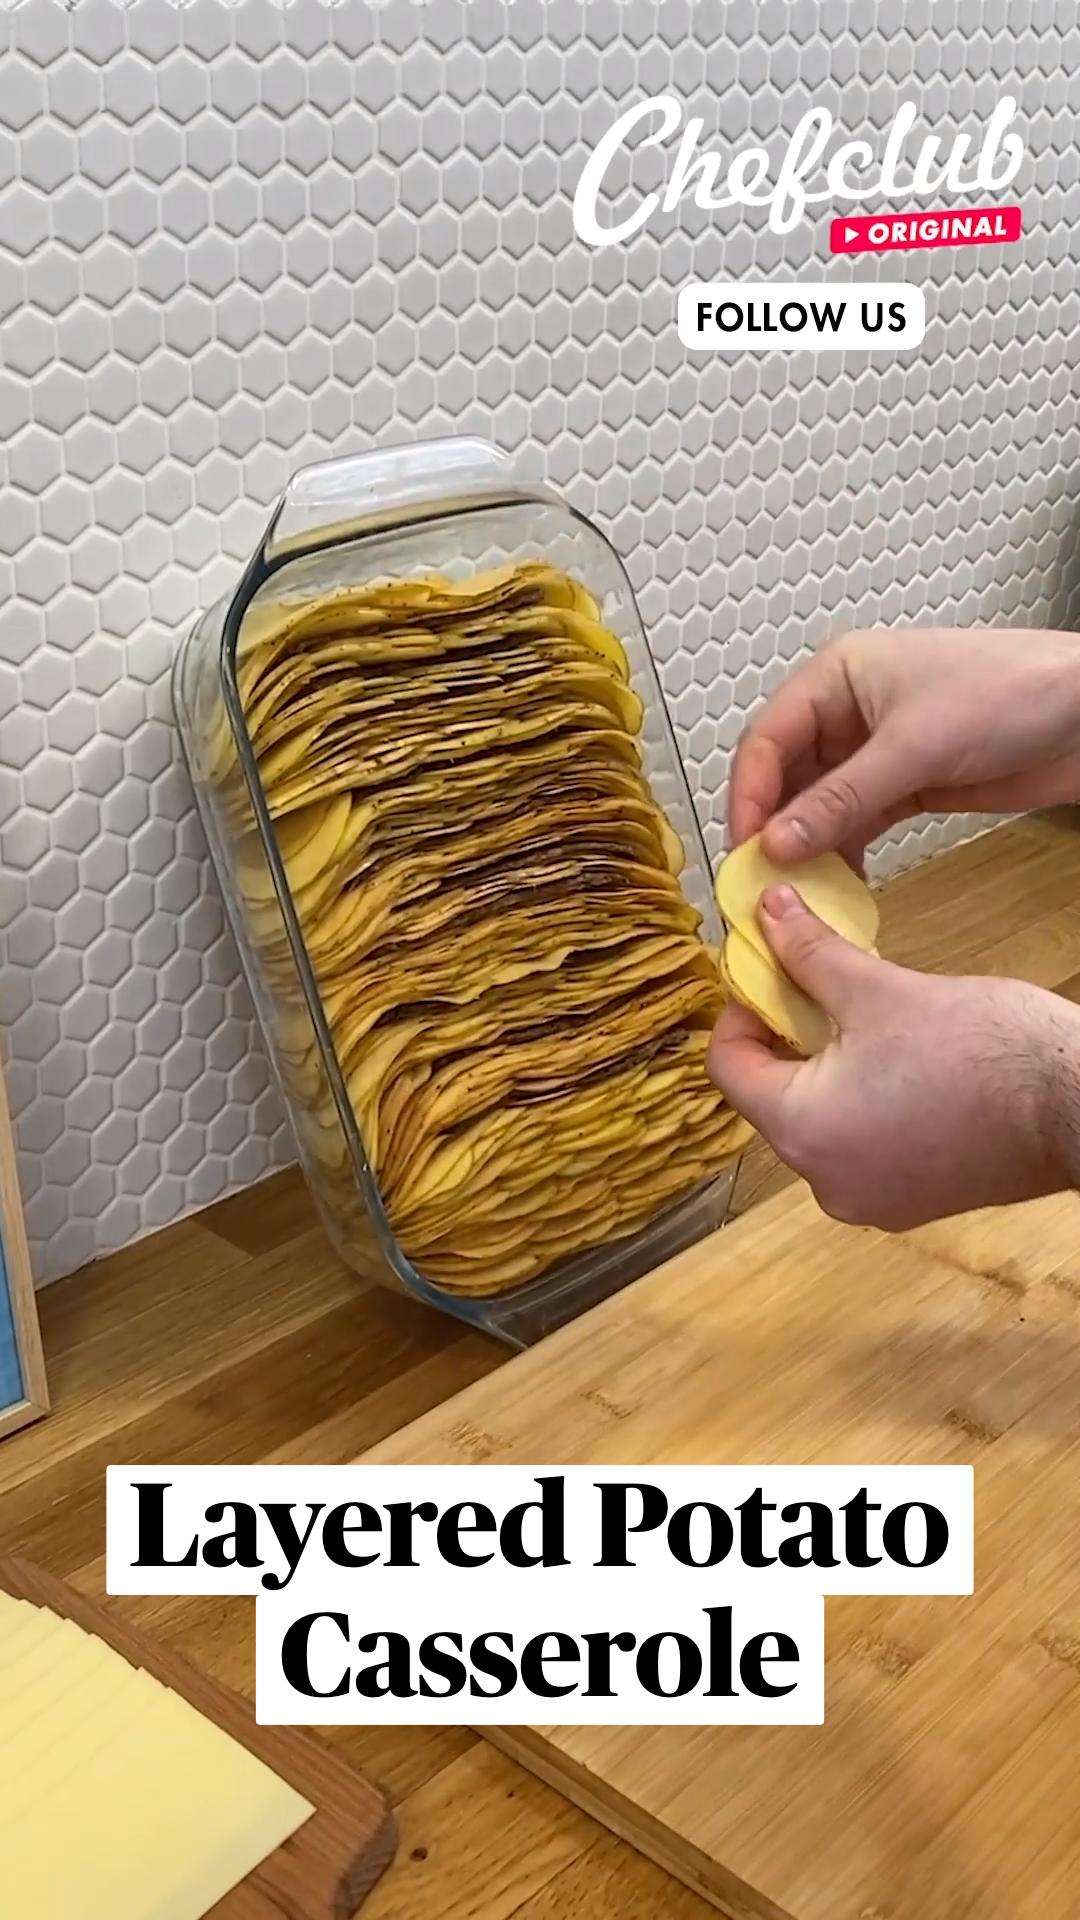 Layered Potato Casserole